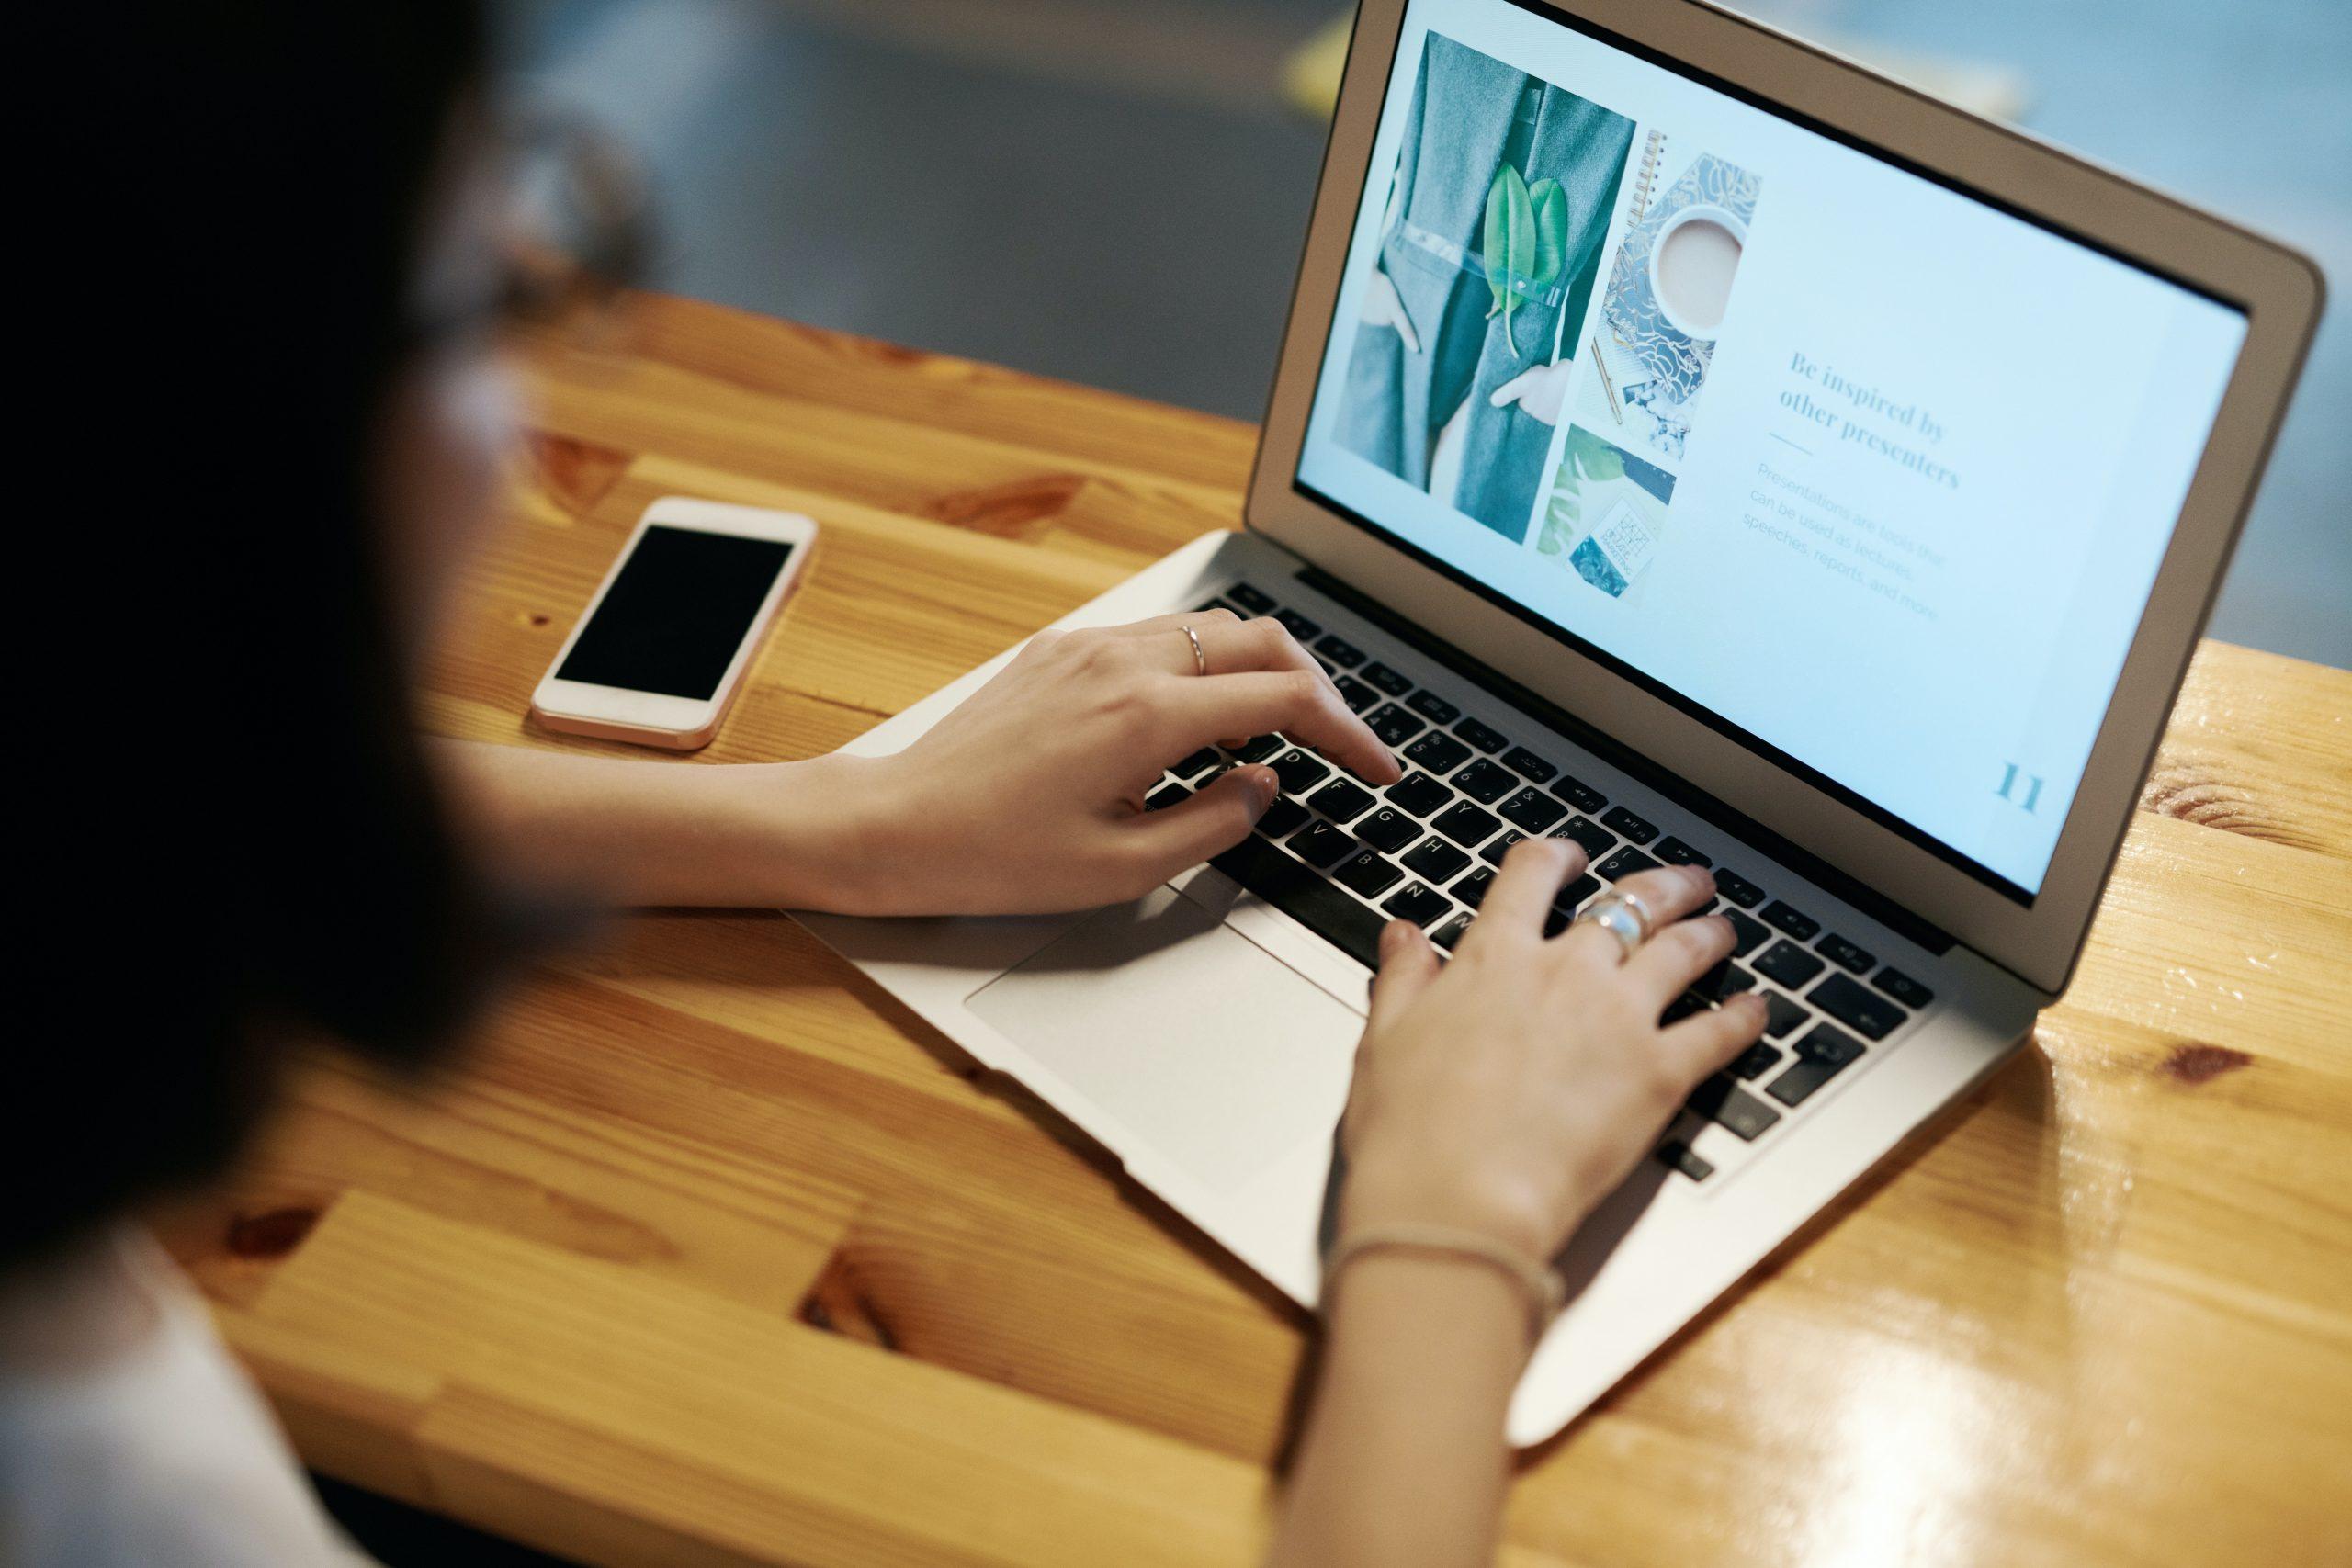 Saturados de videollamadas: ¿habría bastado con un email?